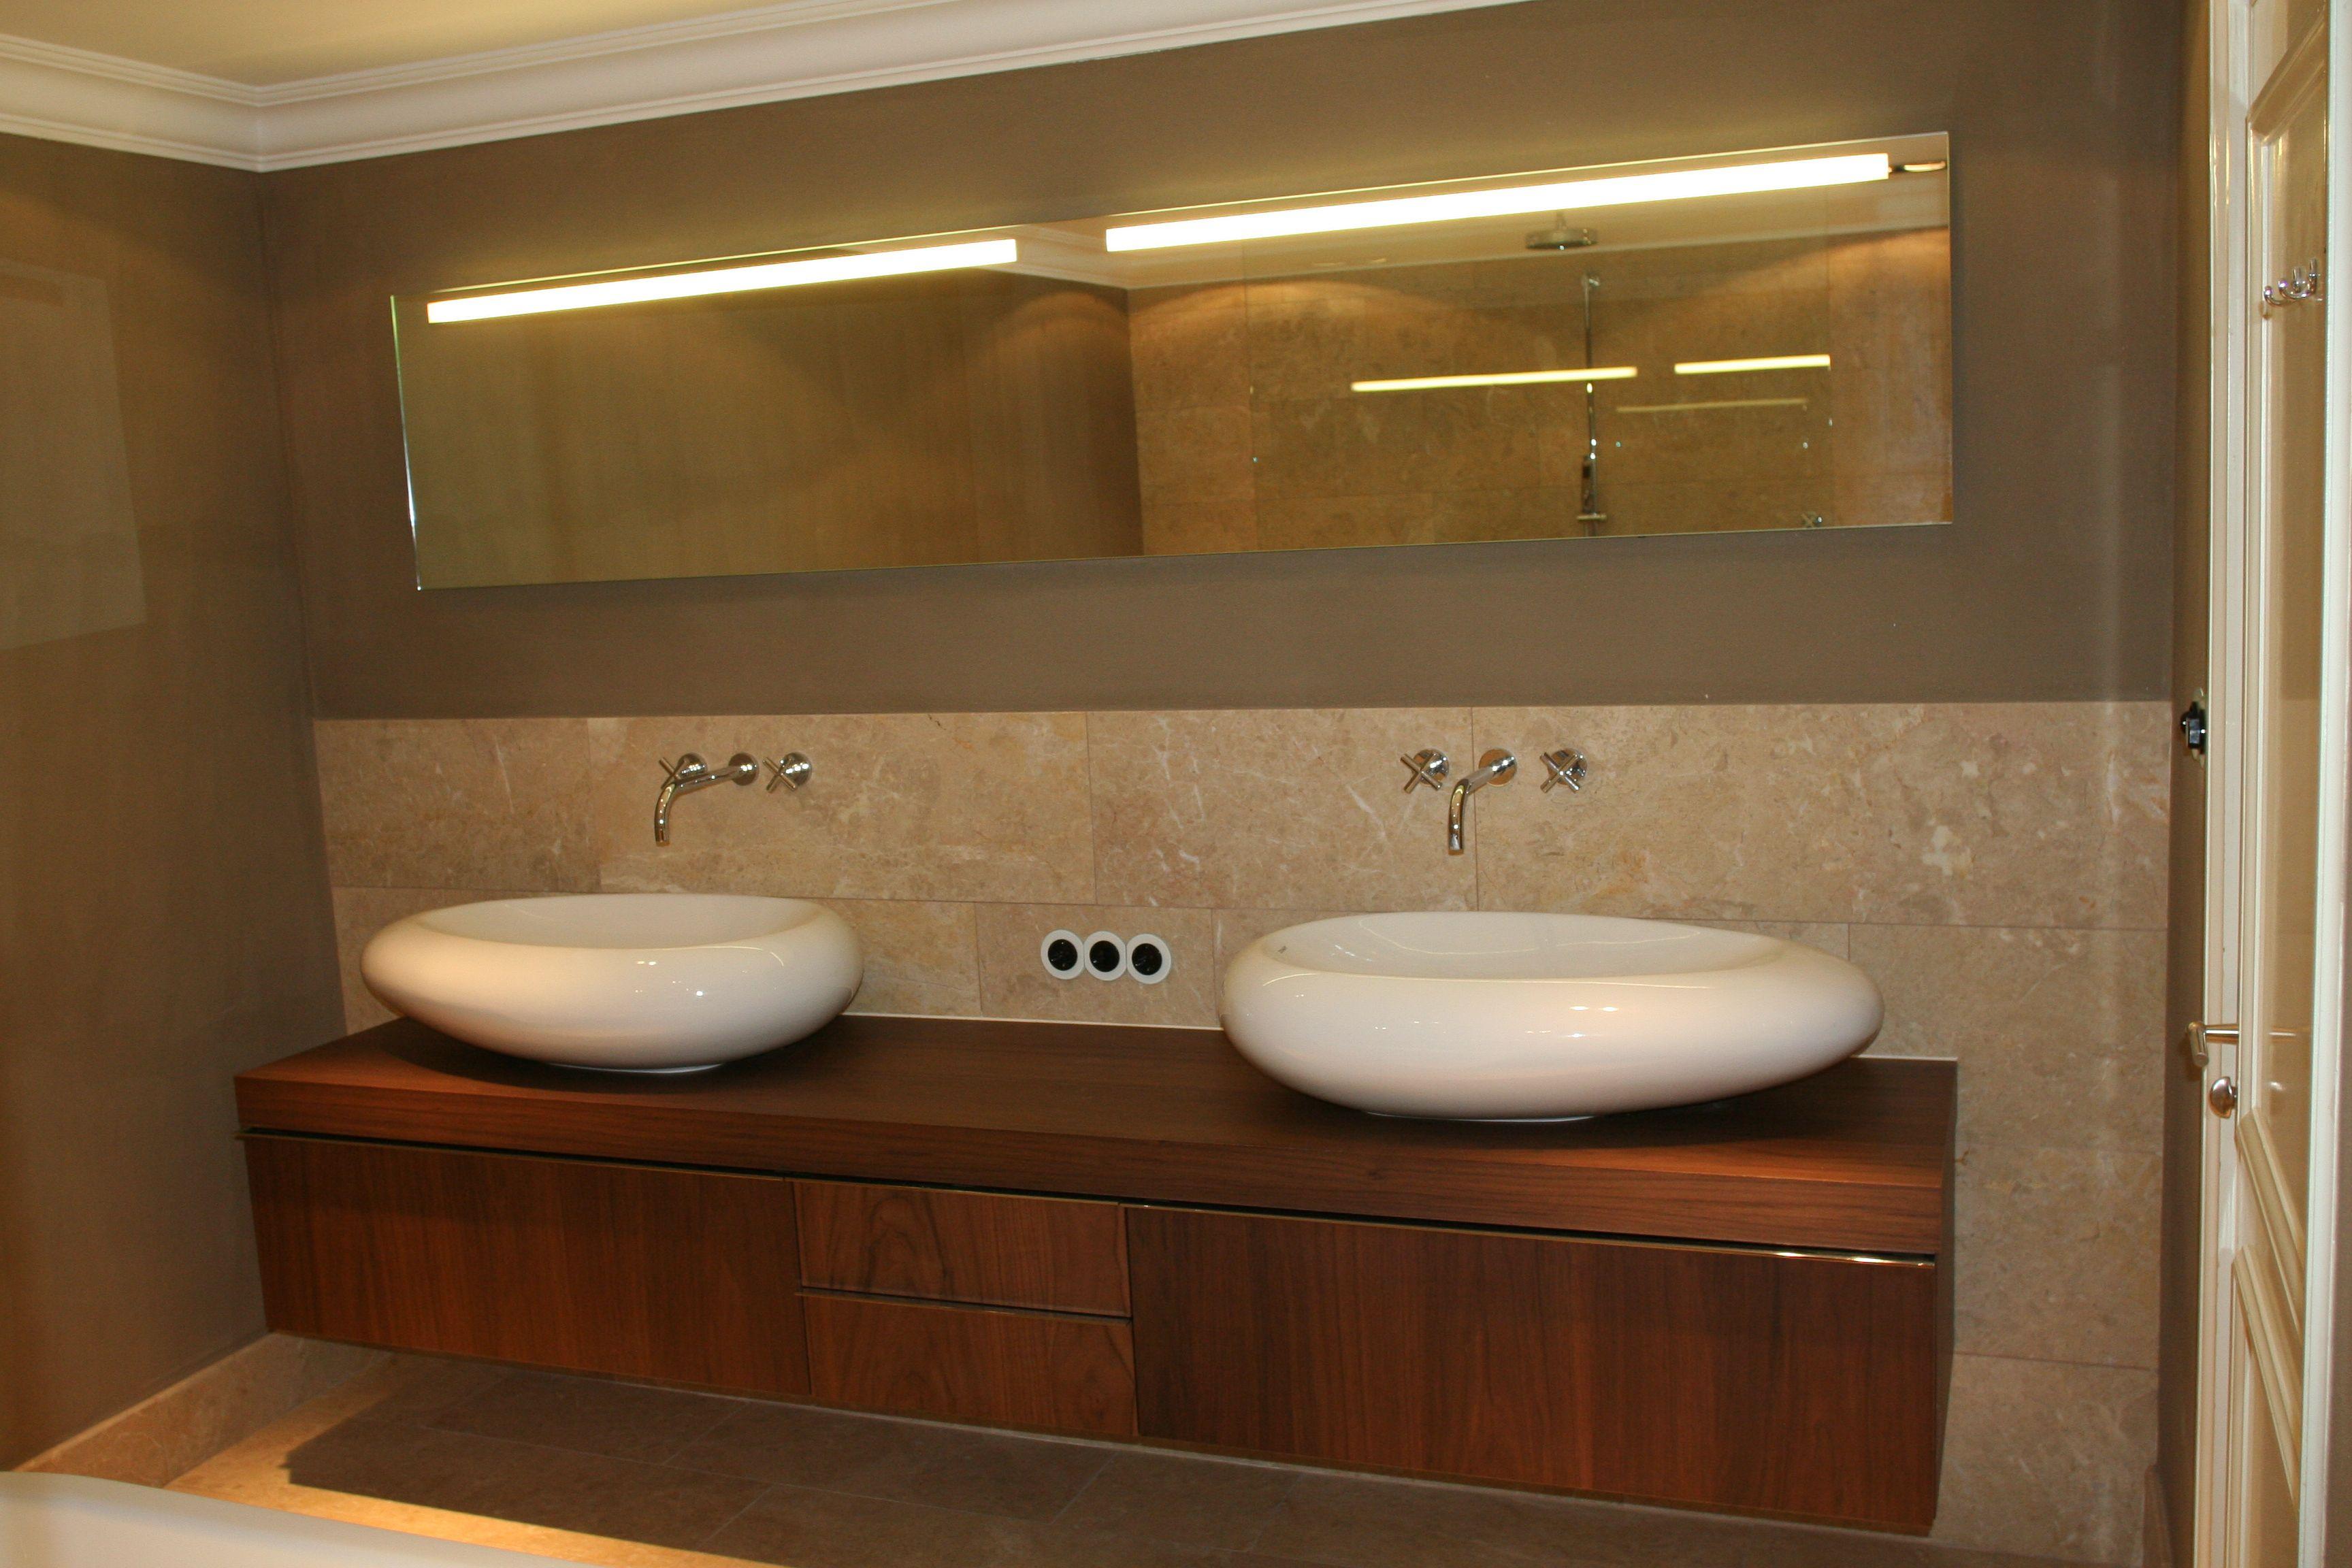 Badkamer Met Natuursteen : Natuursteen in de badkamer een steengoede keuze